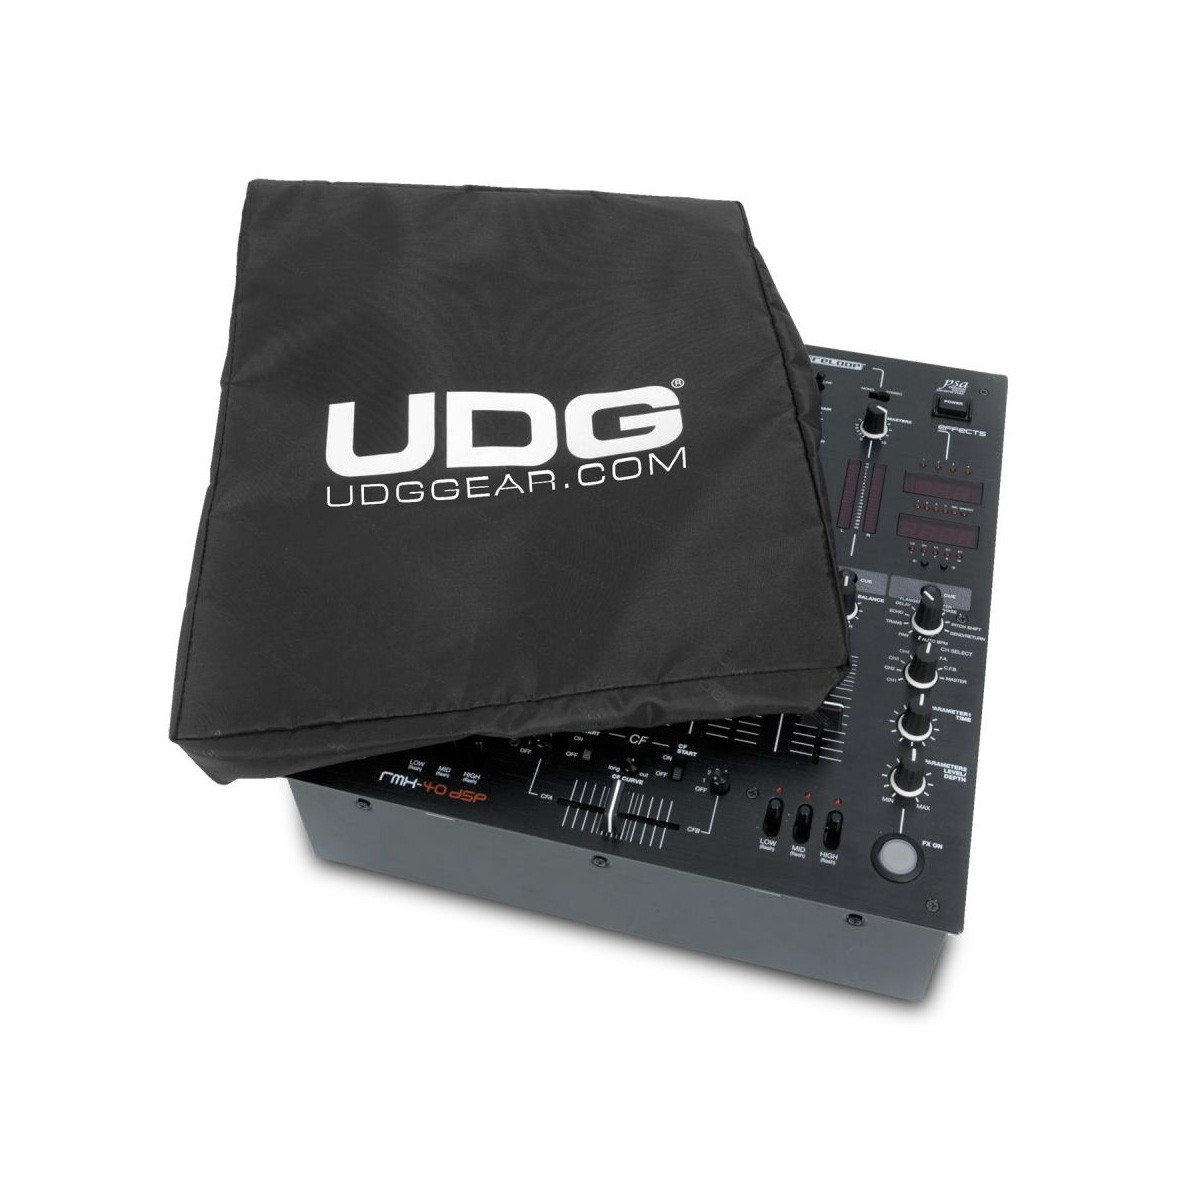 Capa protetora para Mixer UDG U9243